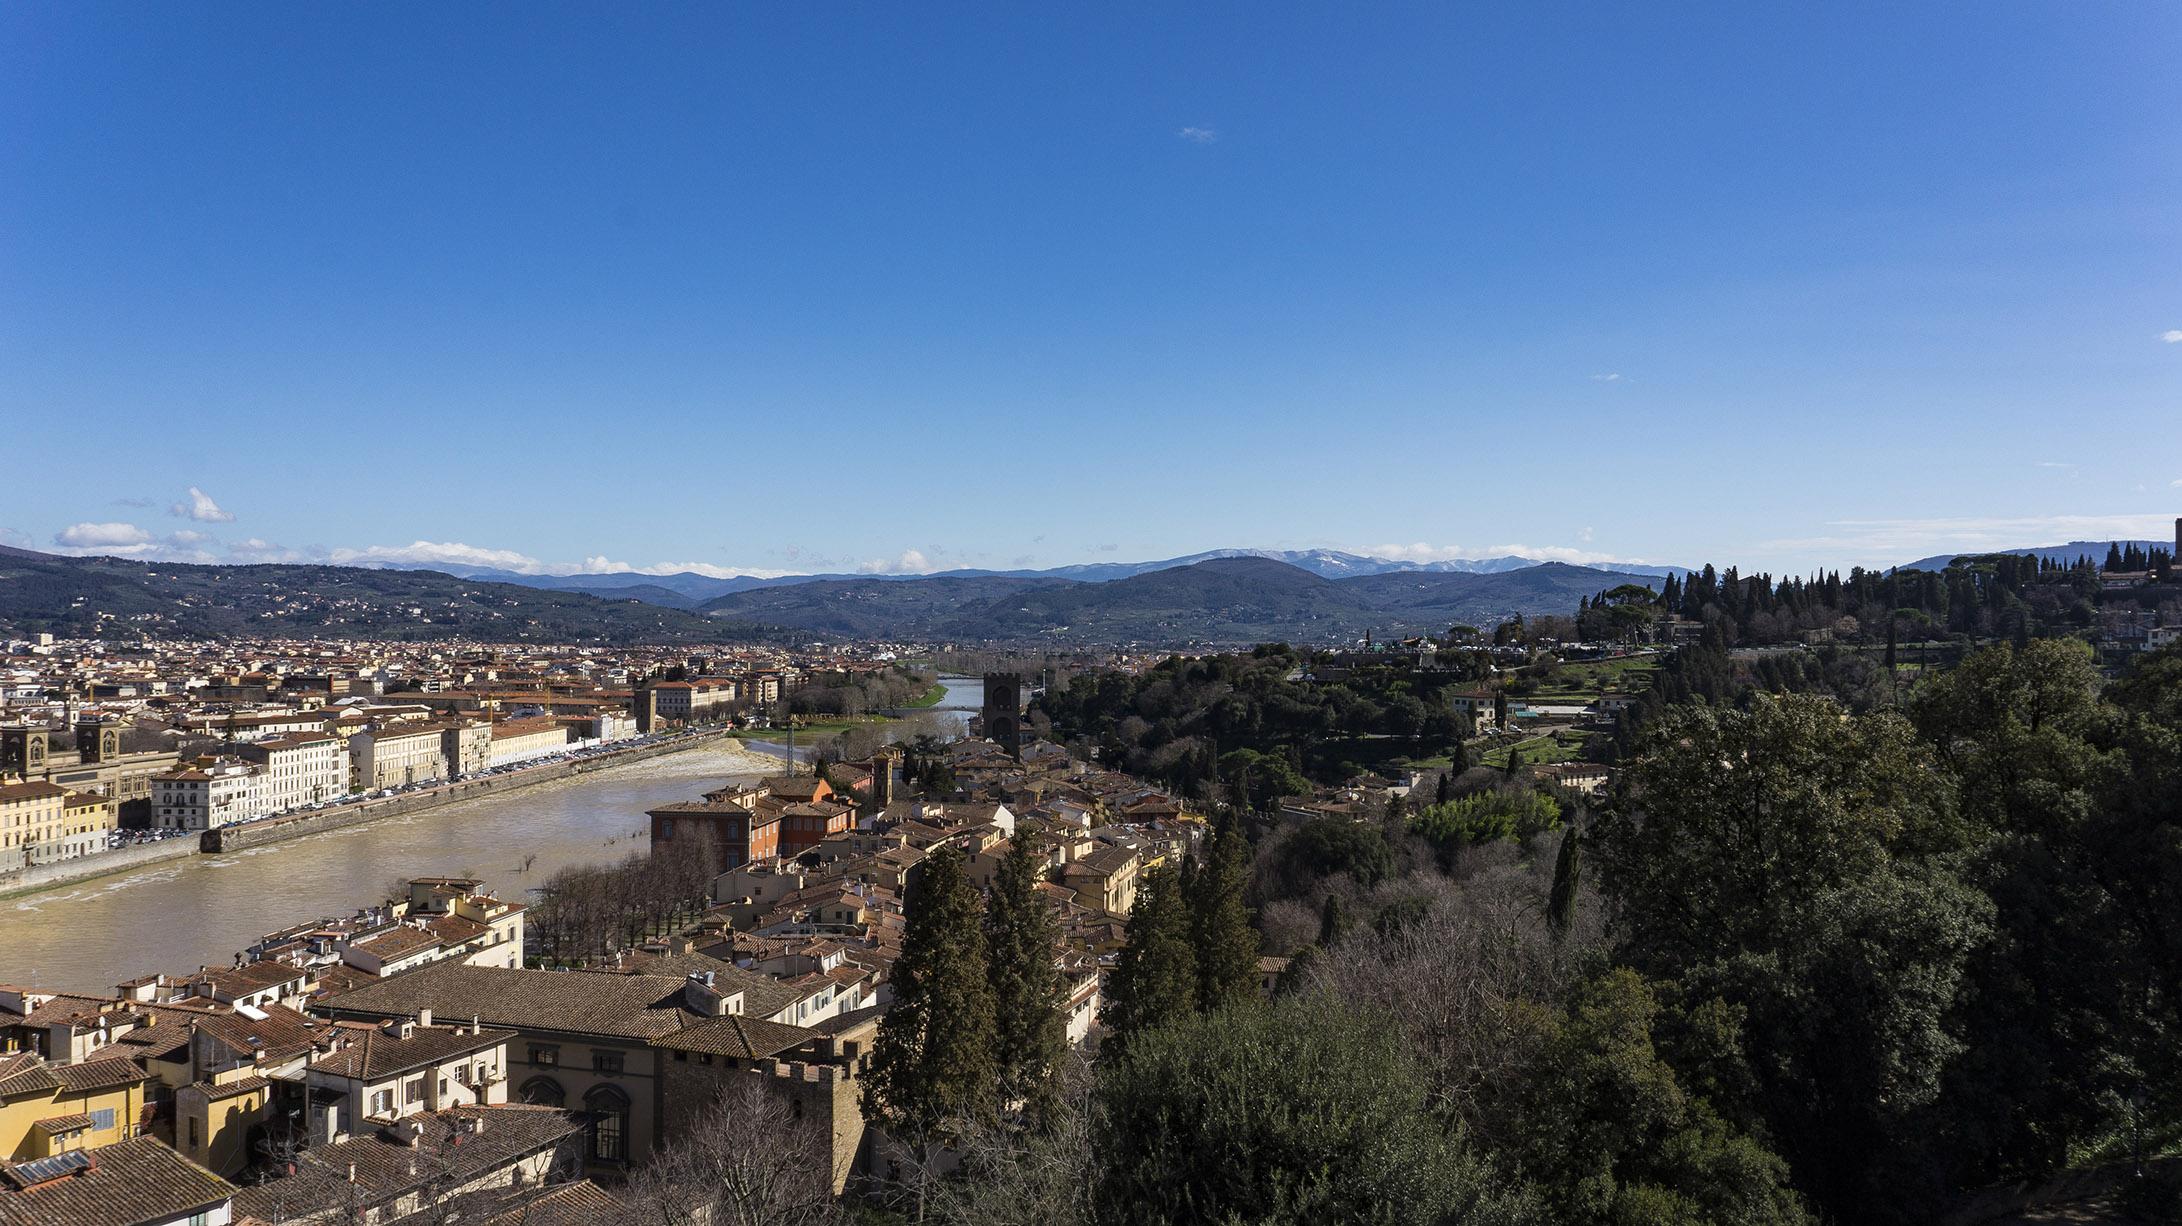 Достопримечательности Флоренции: Вид с террасы виллы Бардини